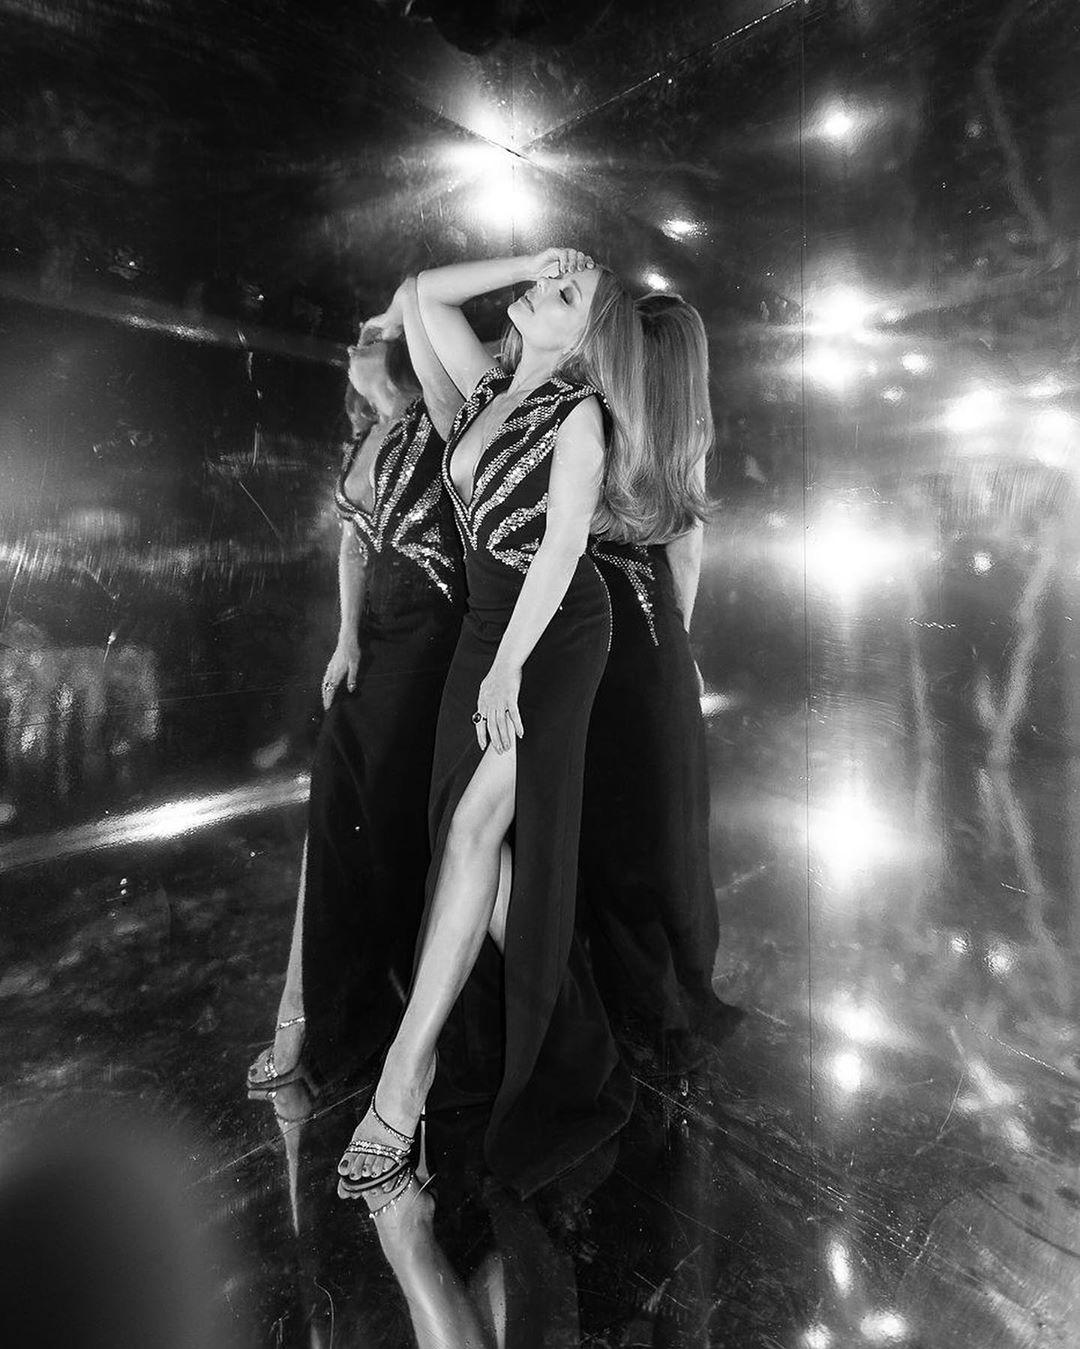 С глубоким декольте и без нижнего белья: Тина Кароль ошеломлена откровенной дугой